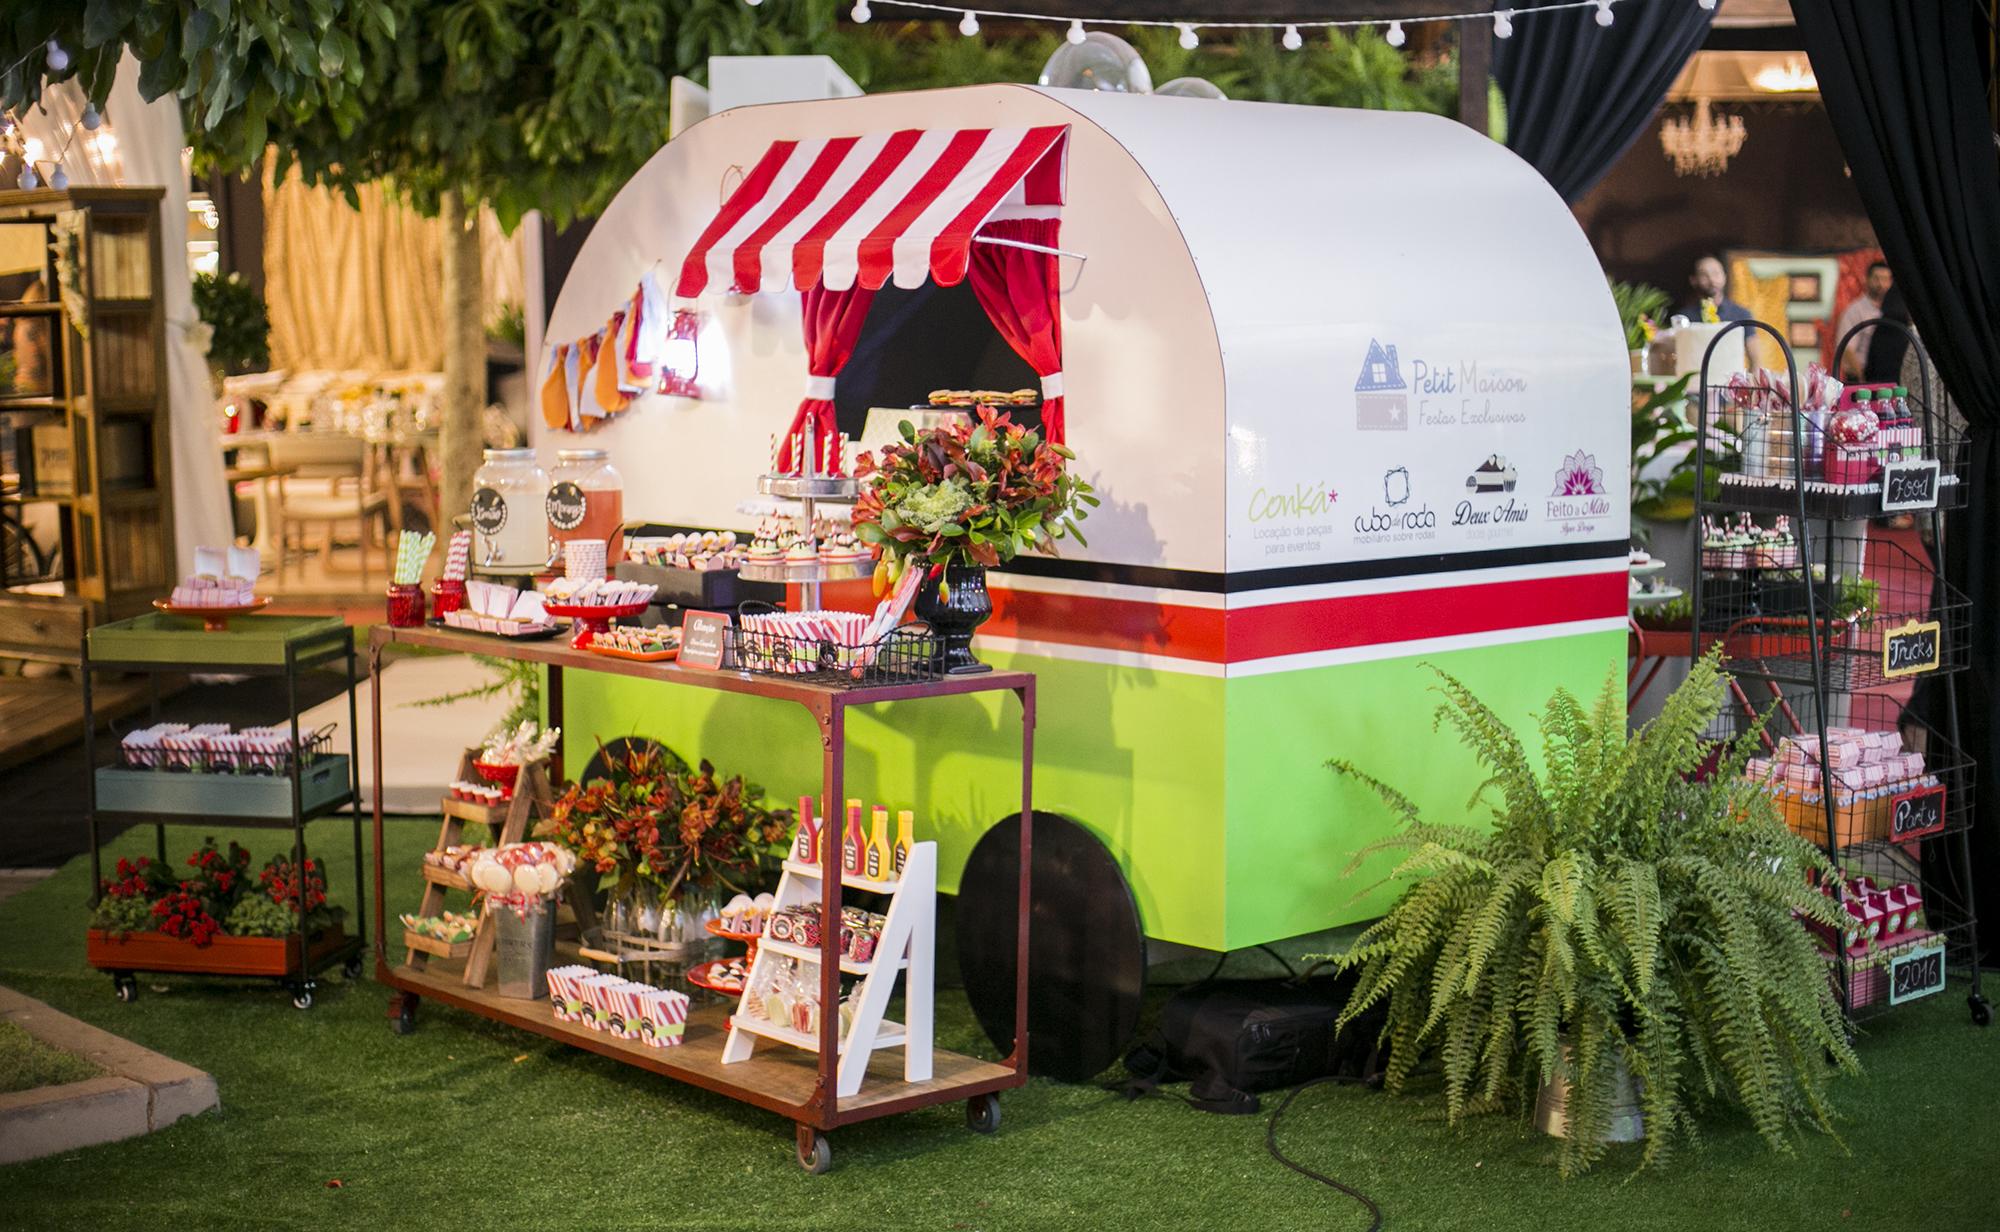 Food trucks e food bikes invadem os casamentos